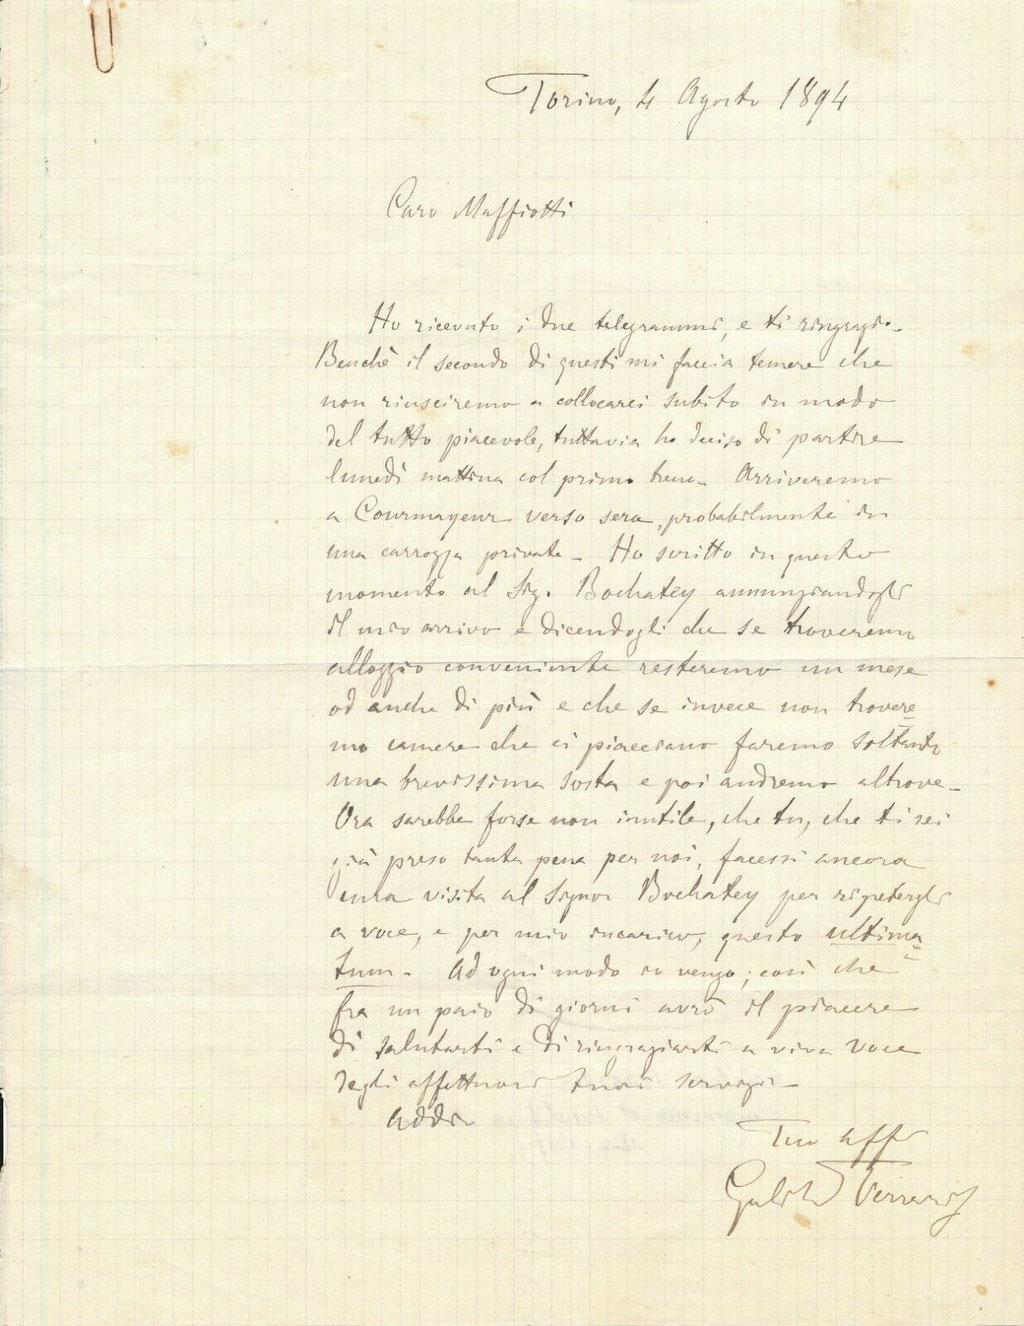 Lettre autographe signée de Galileo Ferraris